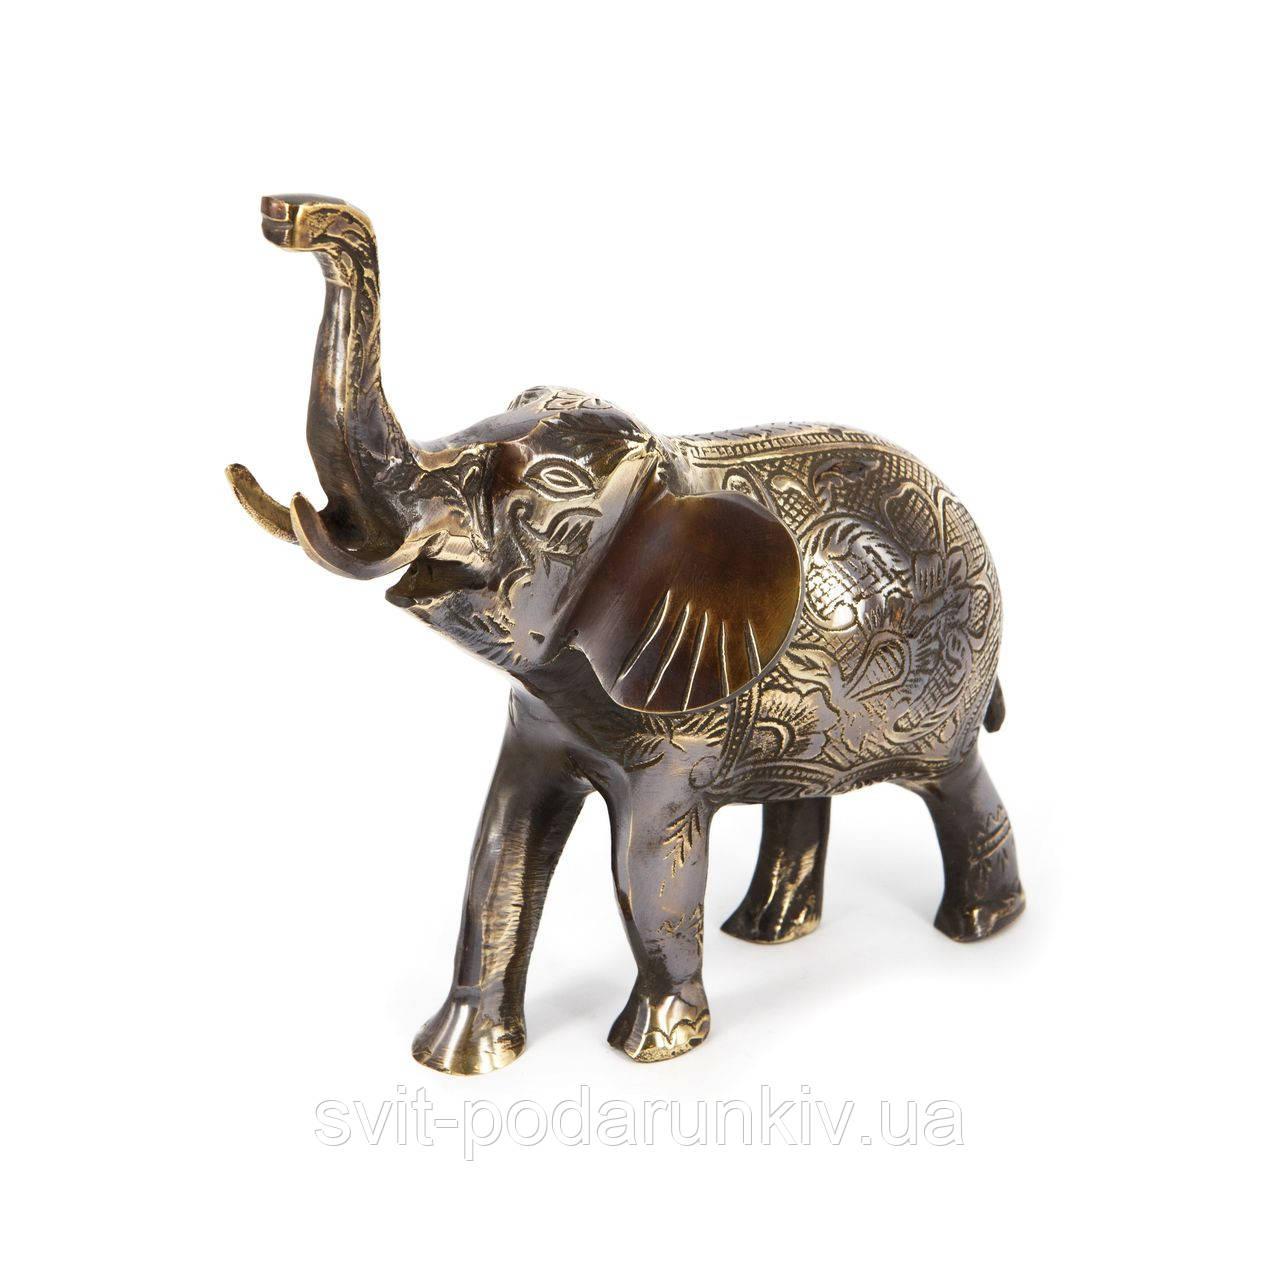 Статуэтка слона из бронзы S2202-1